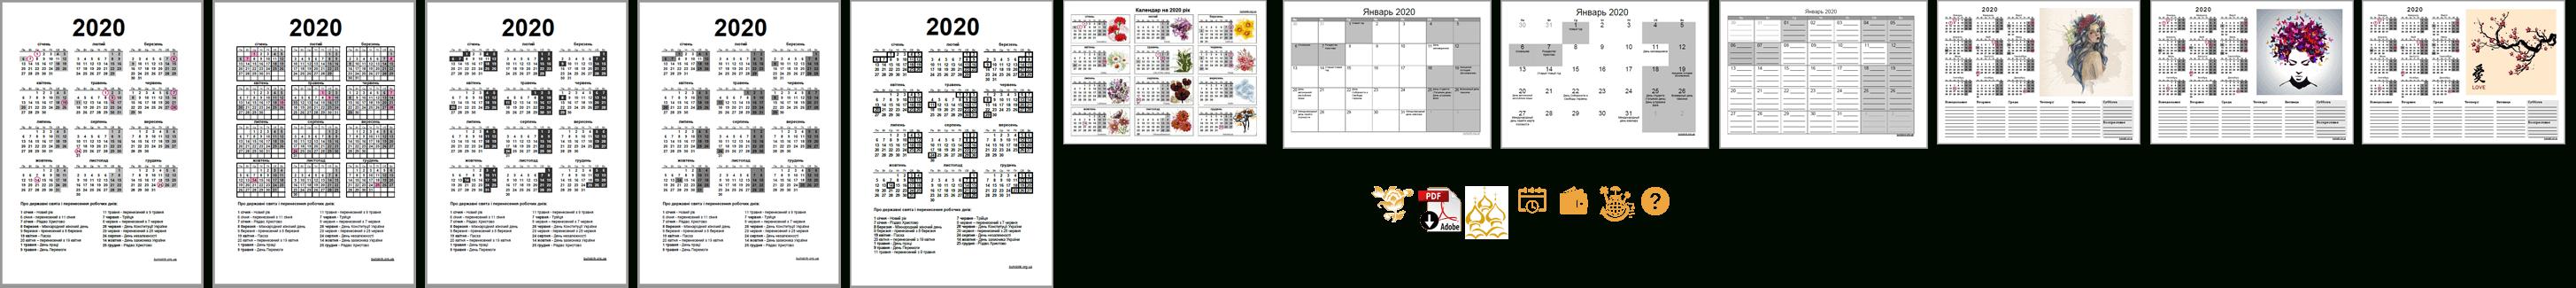 Календар Робочих Днів 2020 Року В Україні